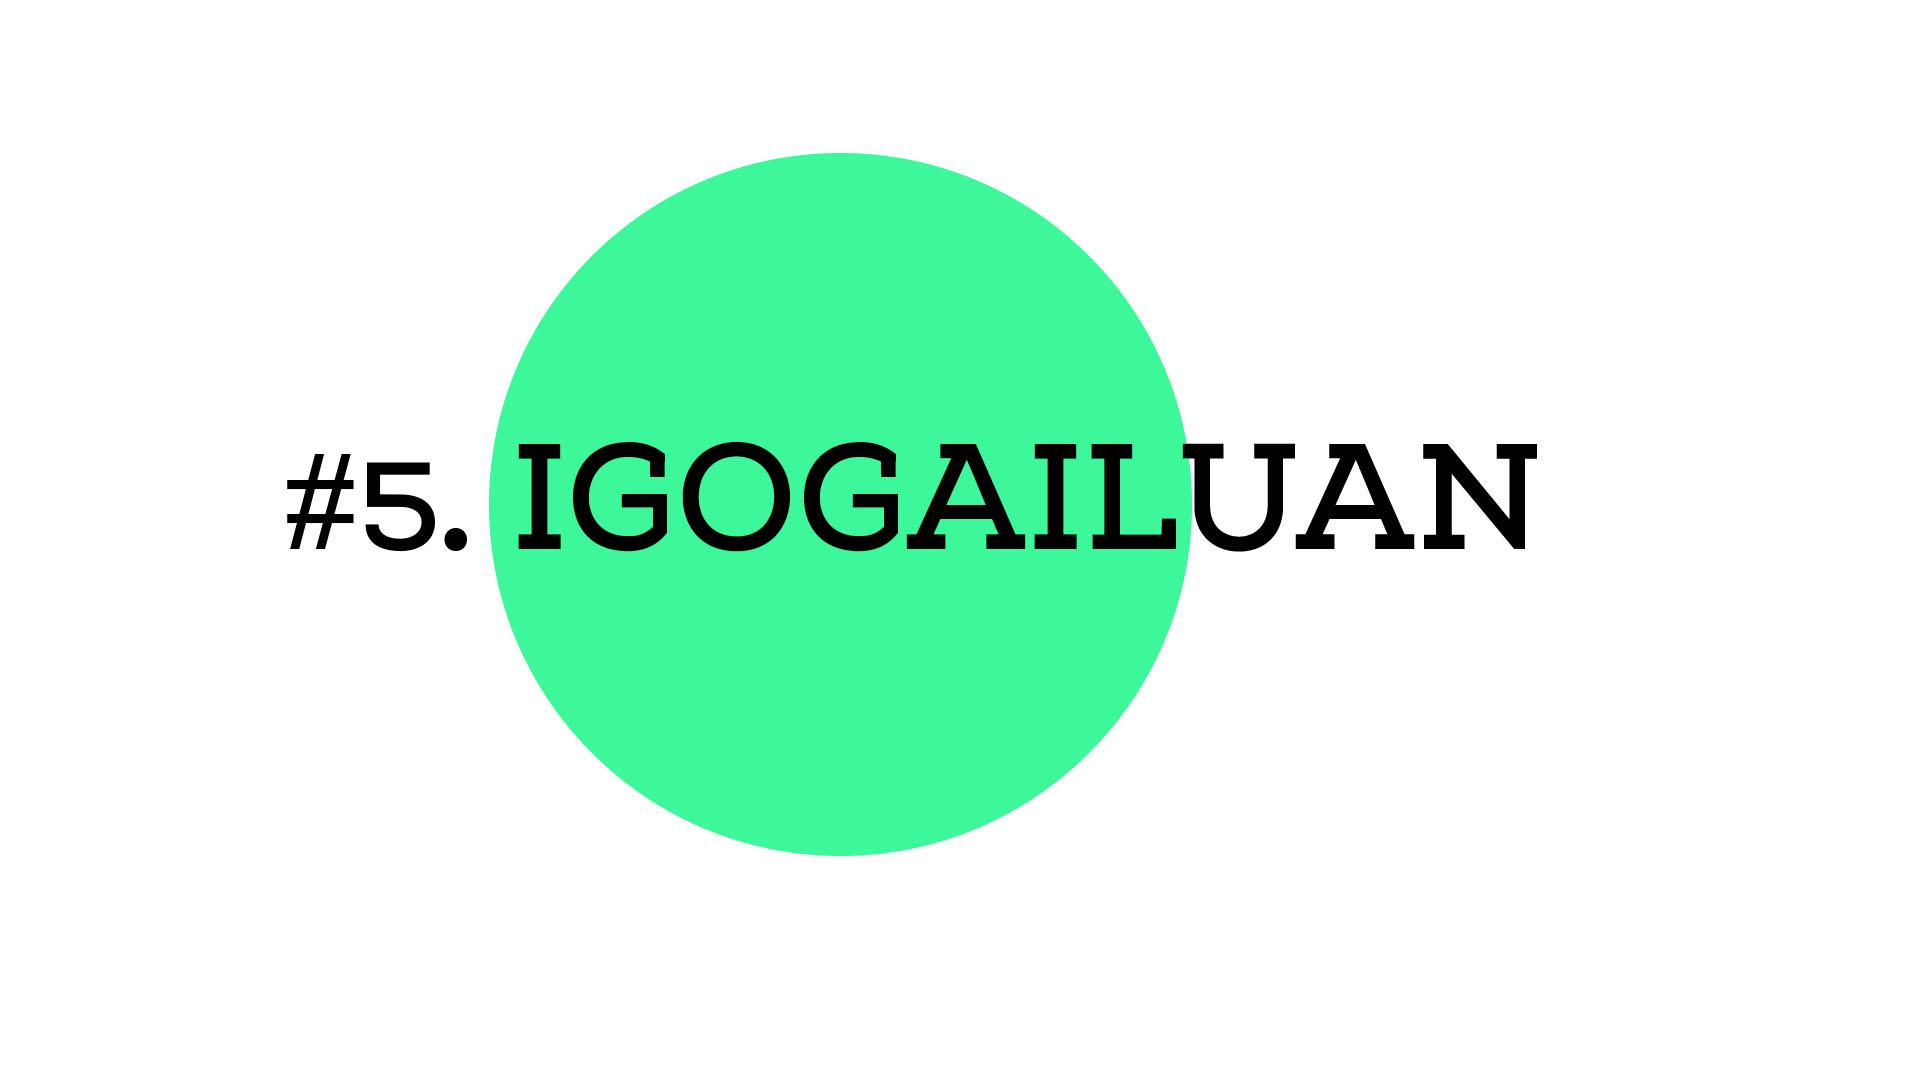 Igogailua (A1E05)